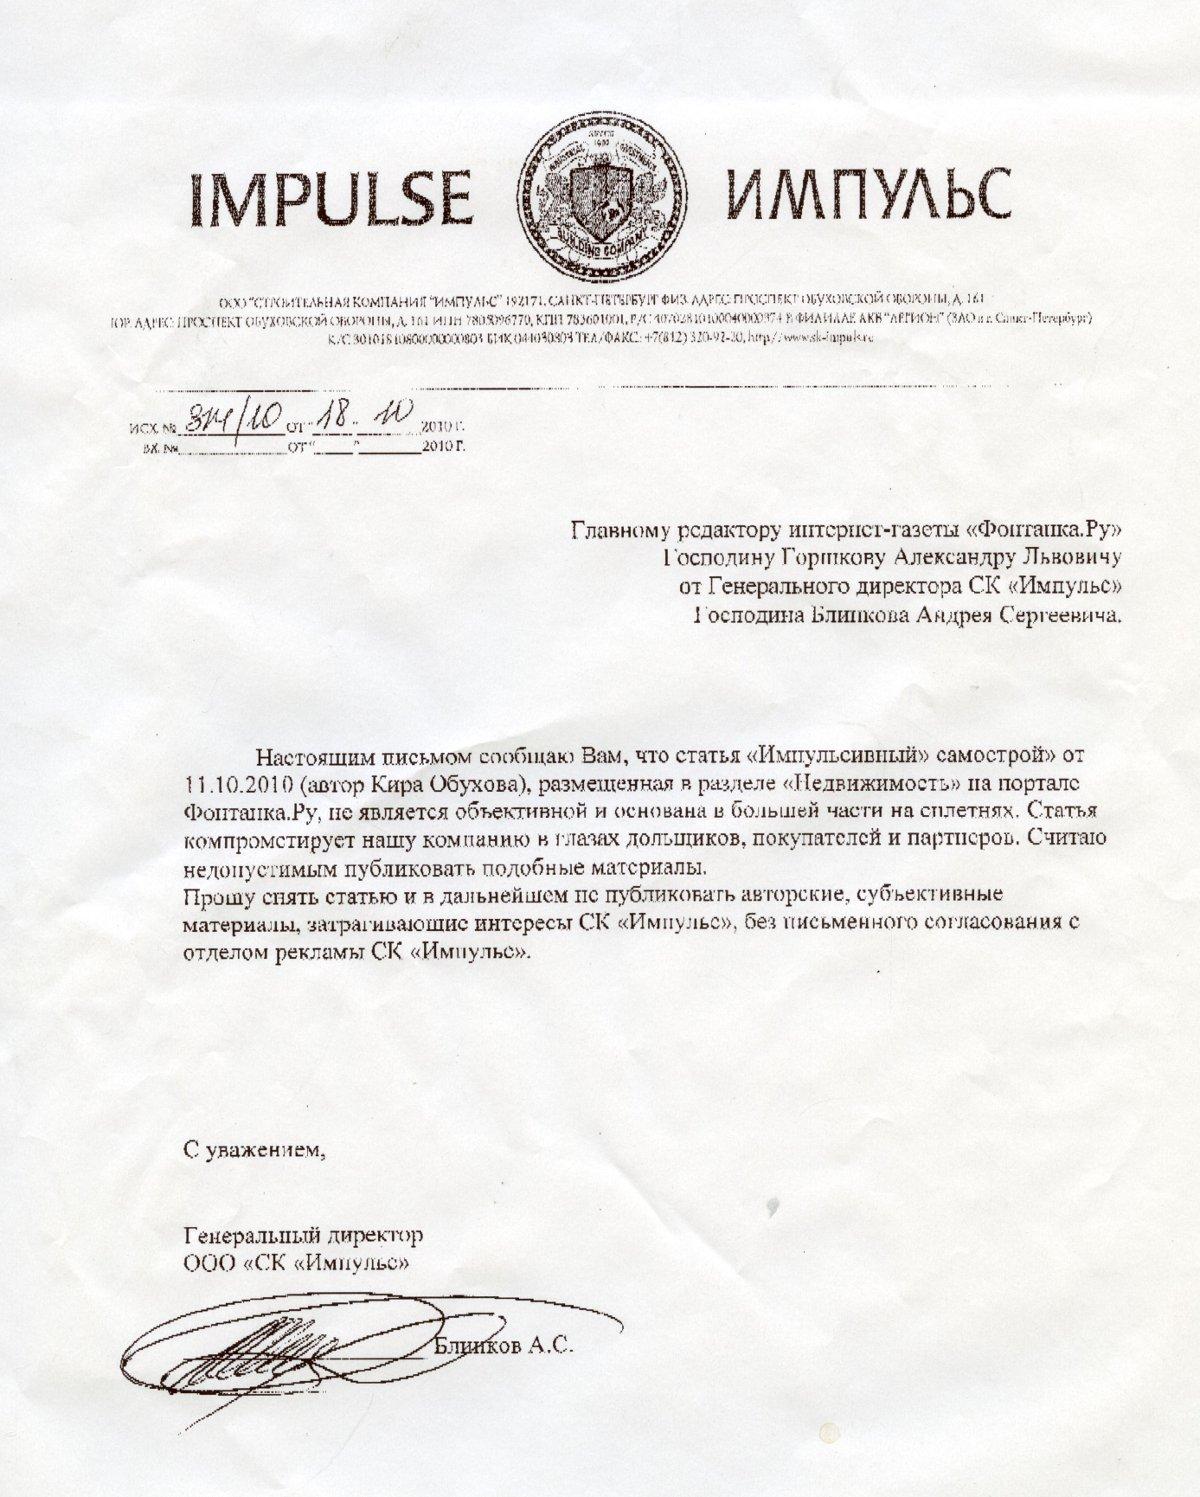 """Письмо из компании """"Импульс"""" главному редактору """"Фонтанки.ру"""""""